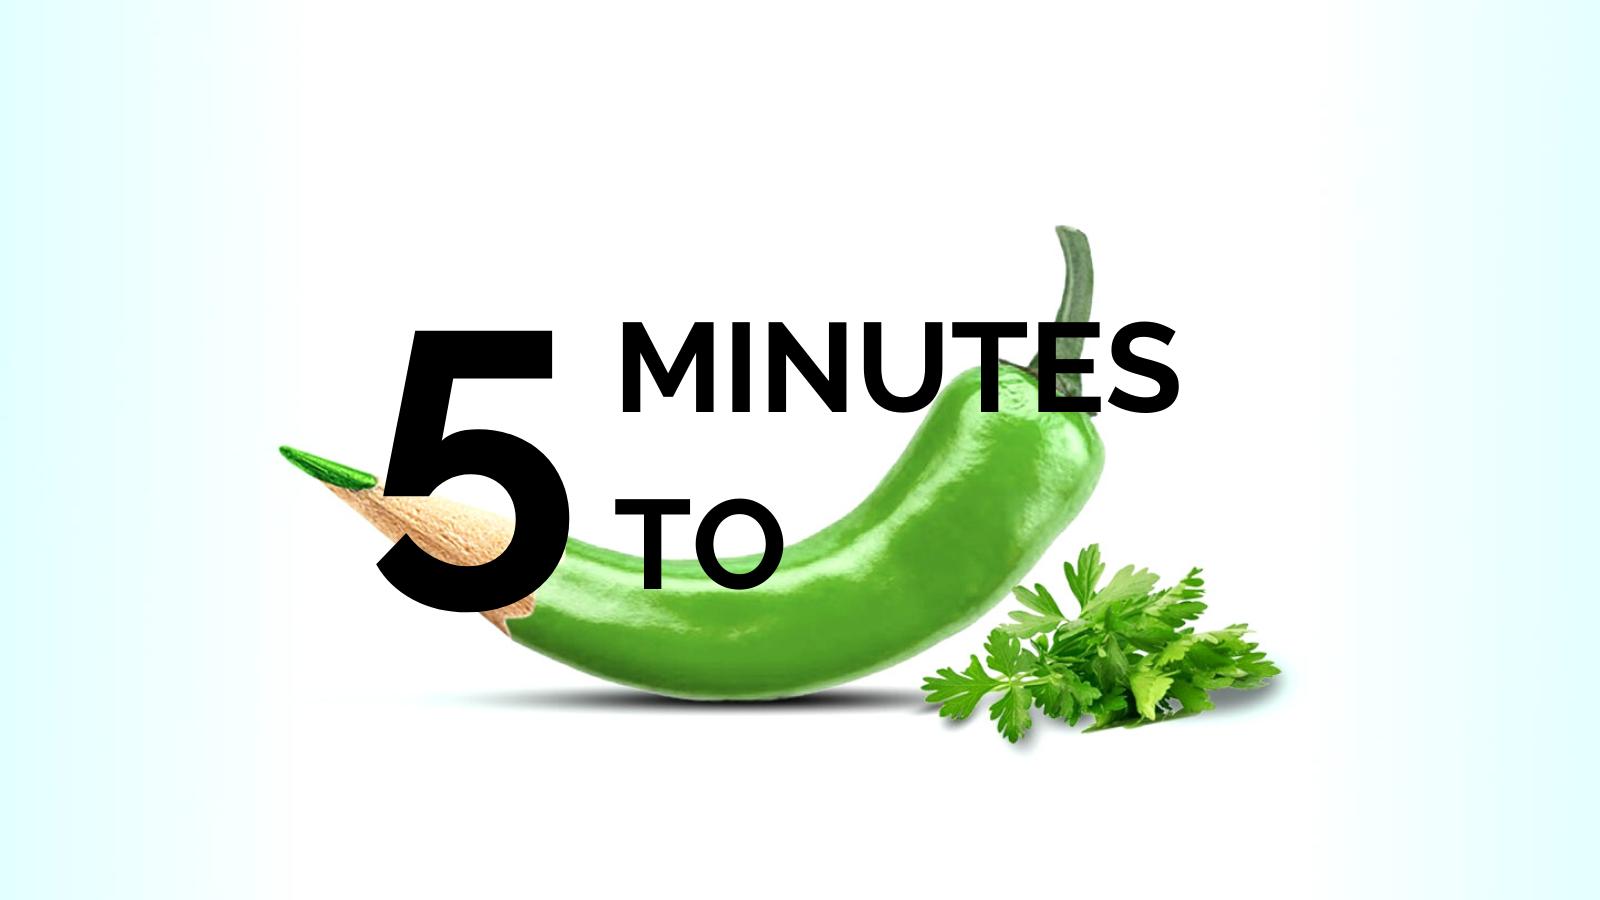 5 Minutes To: Photo Manipulation Basics